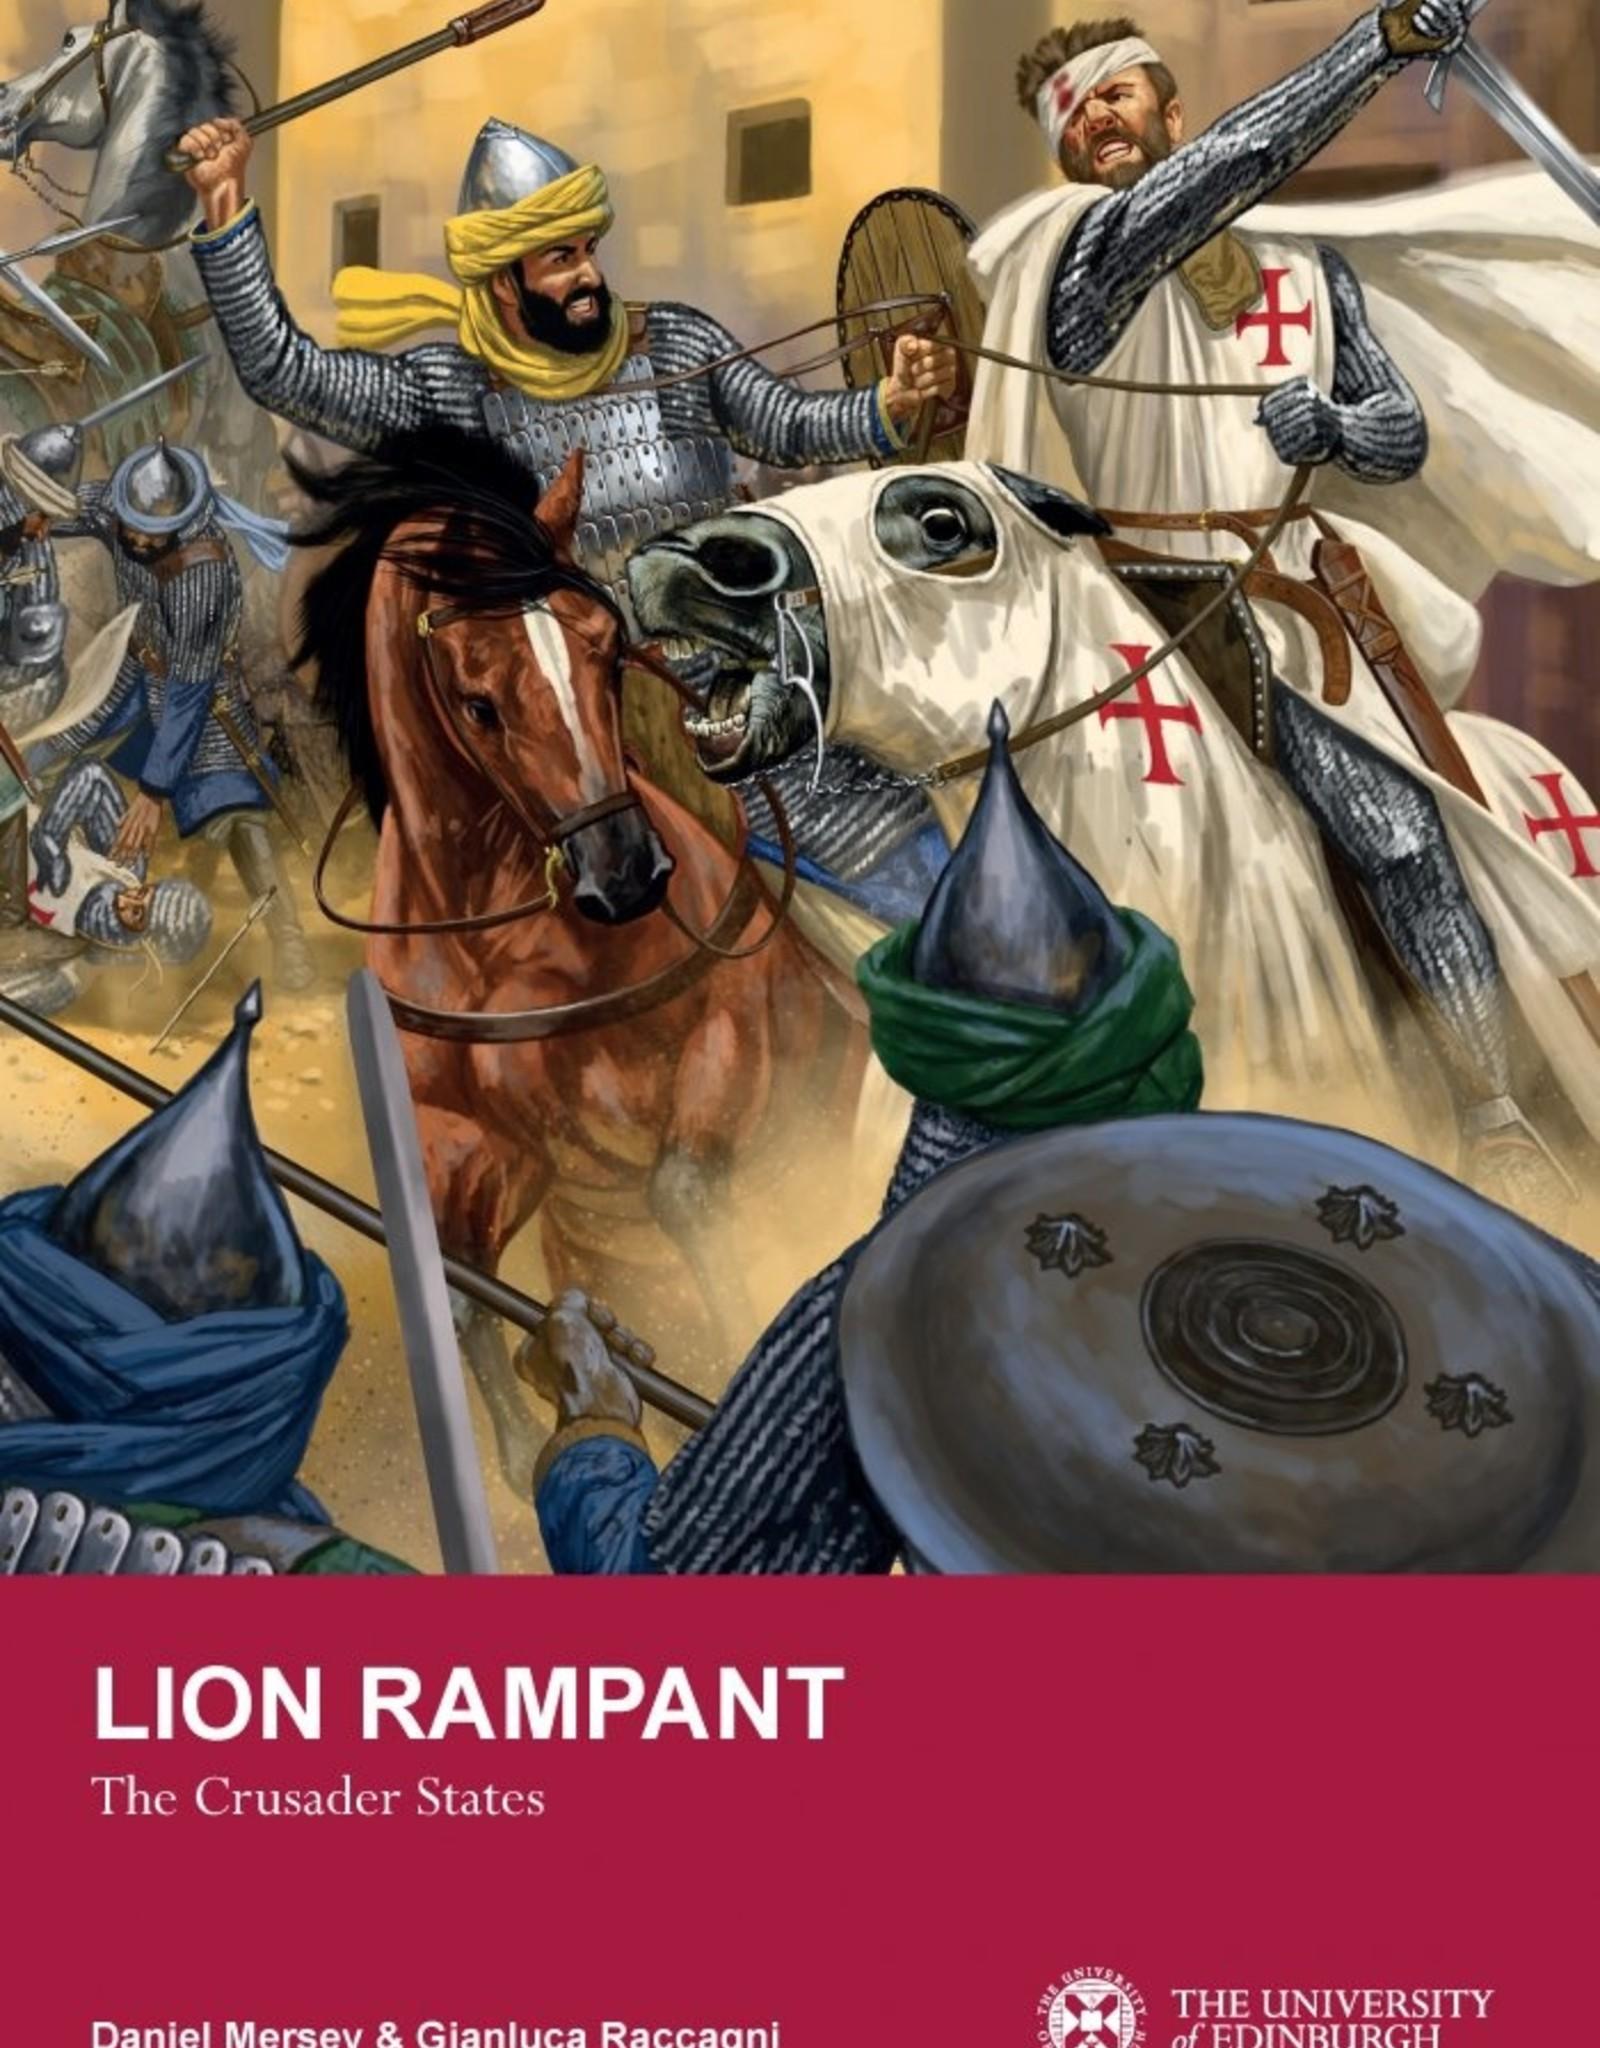 Lion Rampant - The Crusader States